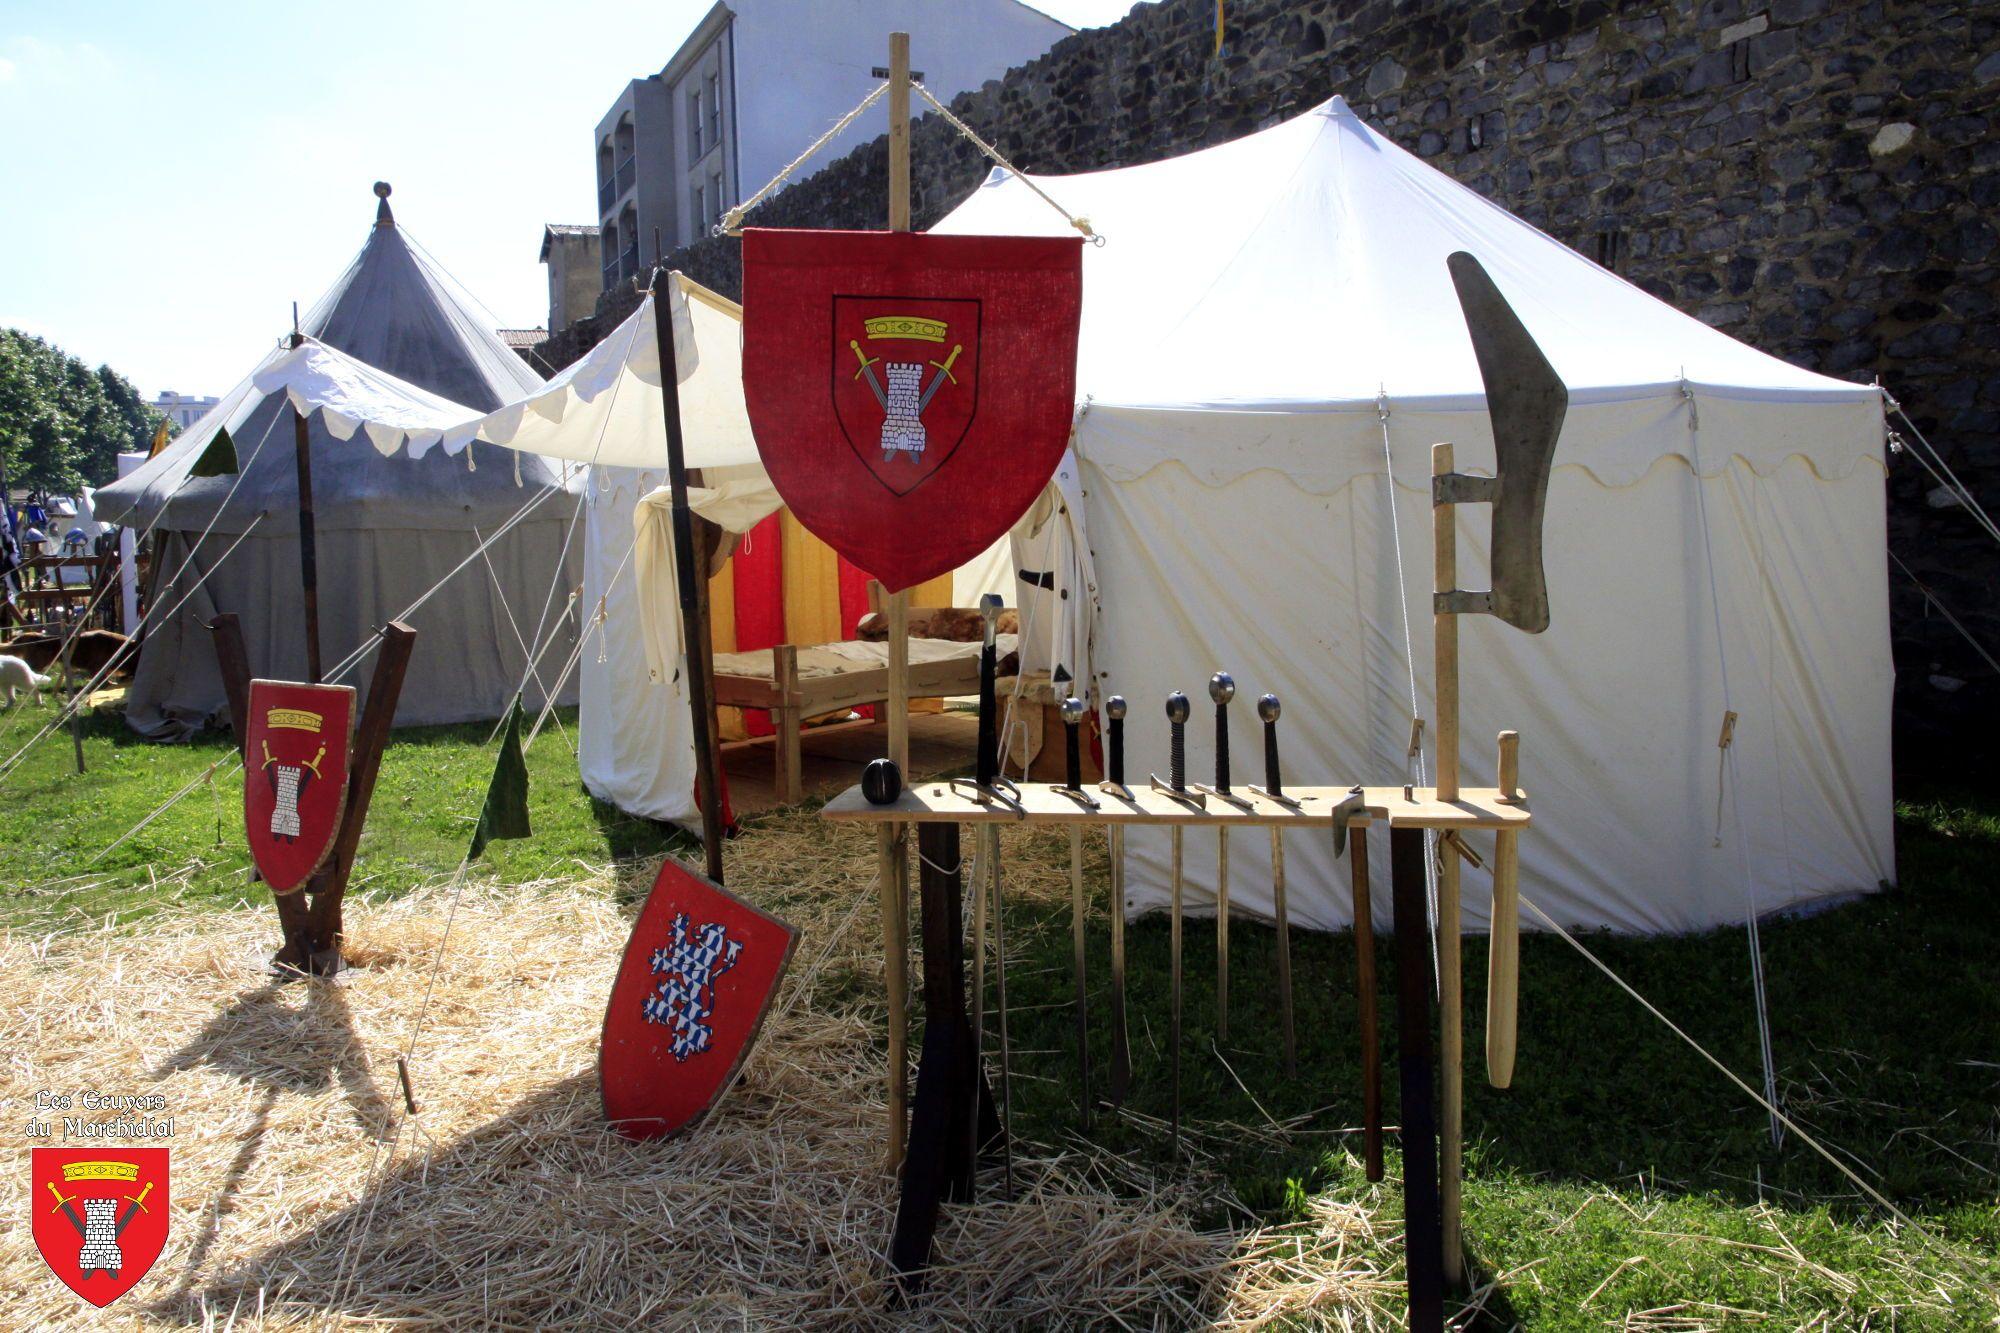 Presta_Campement médiéval_2_Les Ecuyers du Marchidial